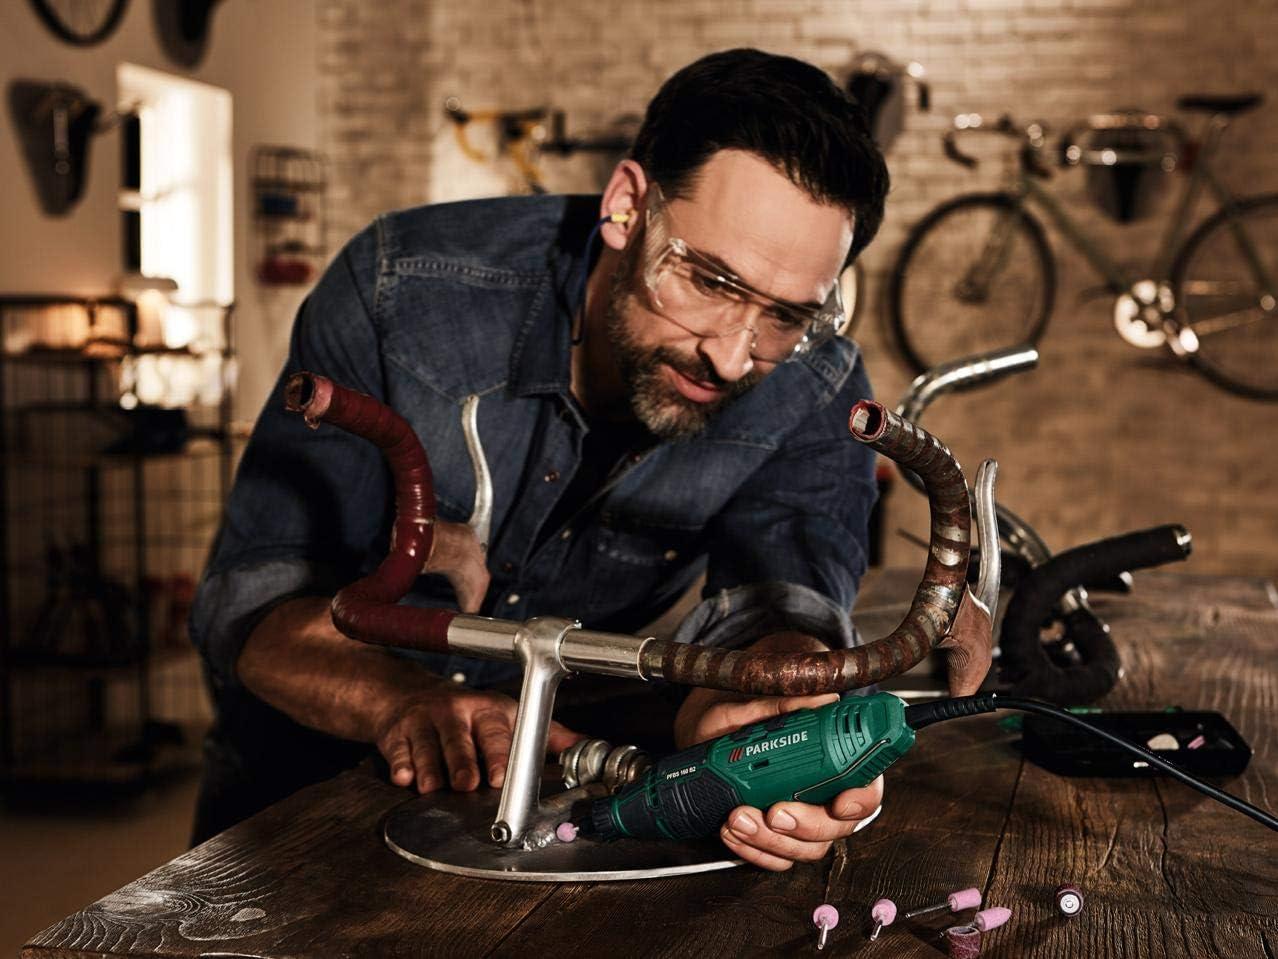 moliendo Amoladora fina del taladro PFB 160 B2 Para la perforaci/ón puliendo moliendo grabando limpiando